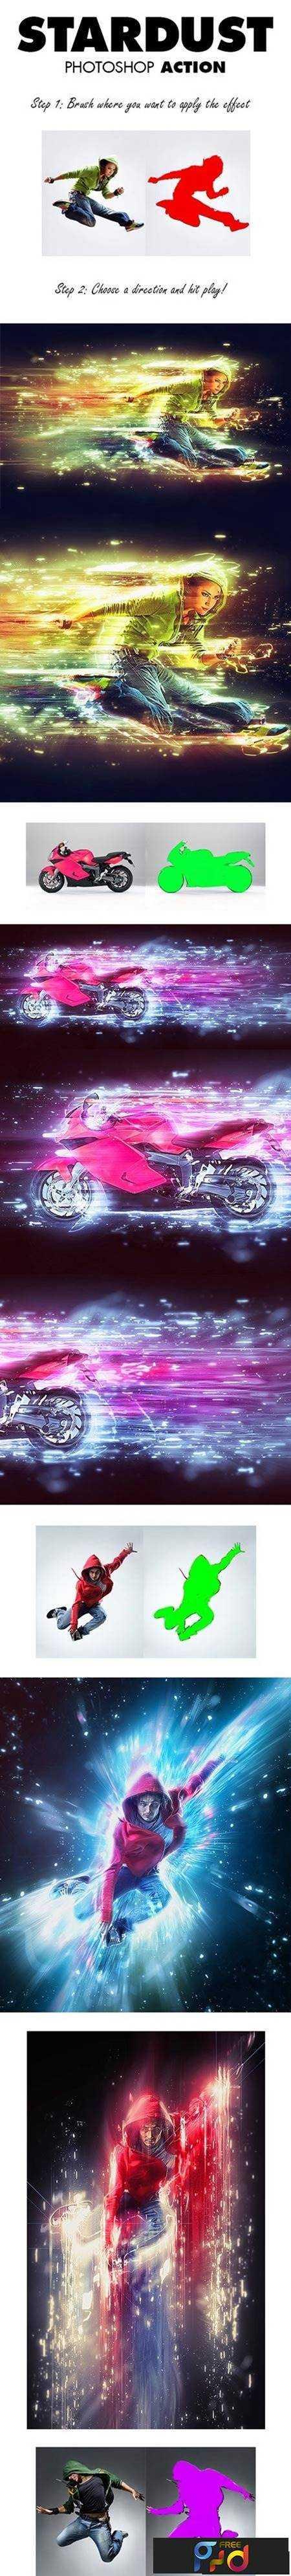 FreePsdVn.com_1702248_PHOTOSHOP_stardust_photoshop_action_9085825